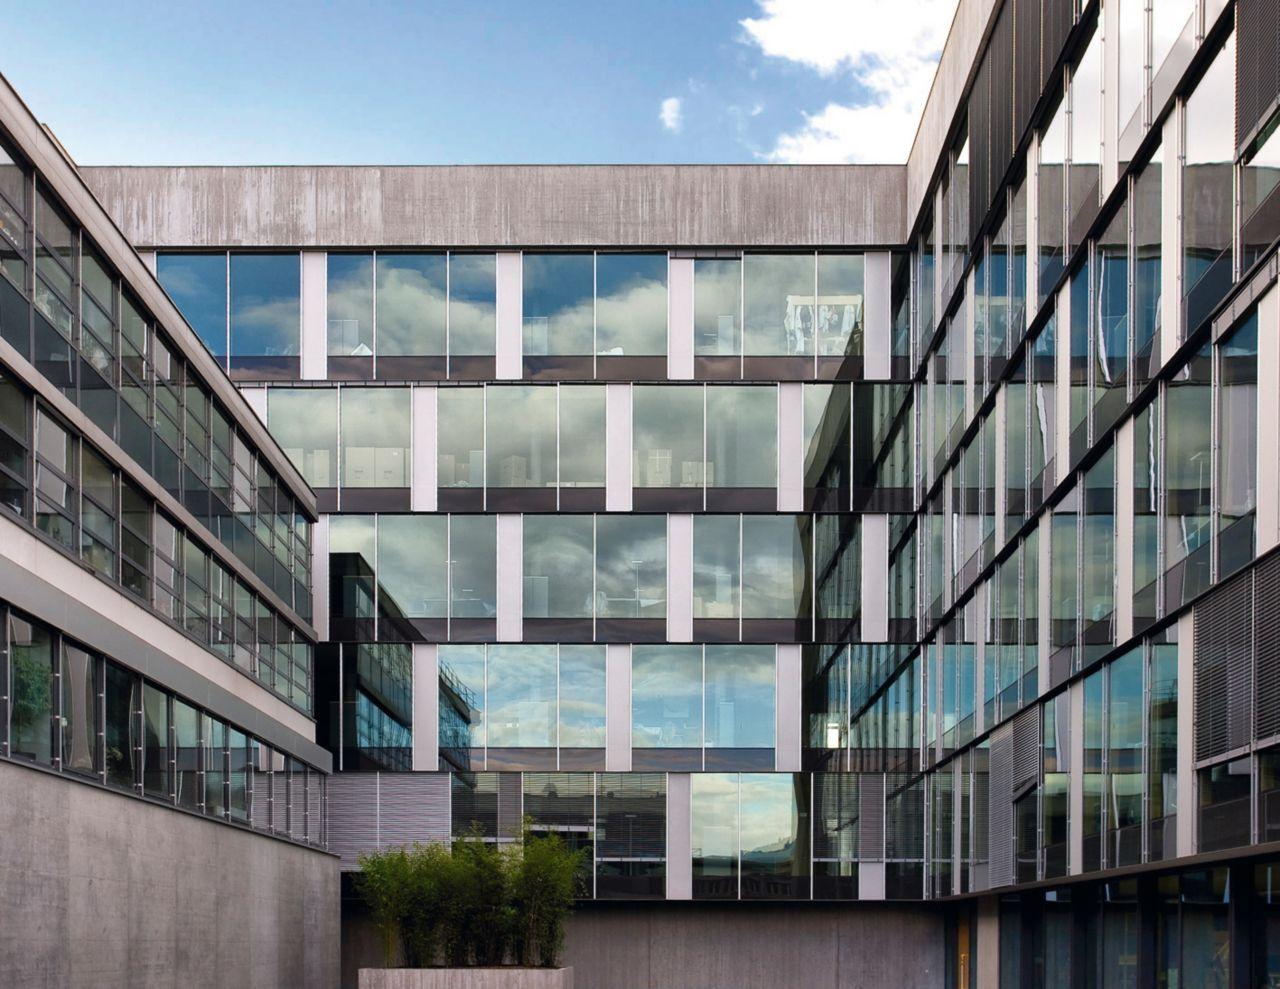 Sika Teknoloji Merkezi - Zürih, İsviçre